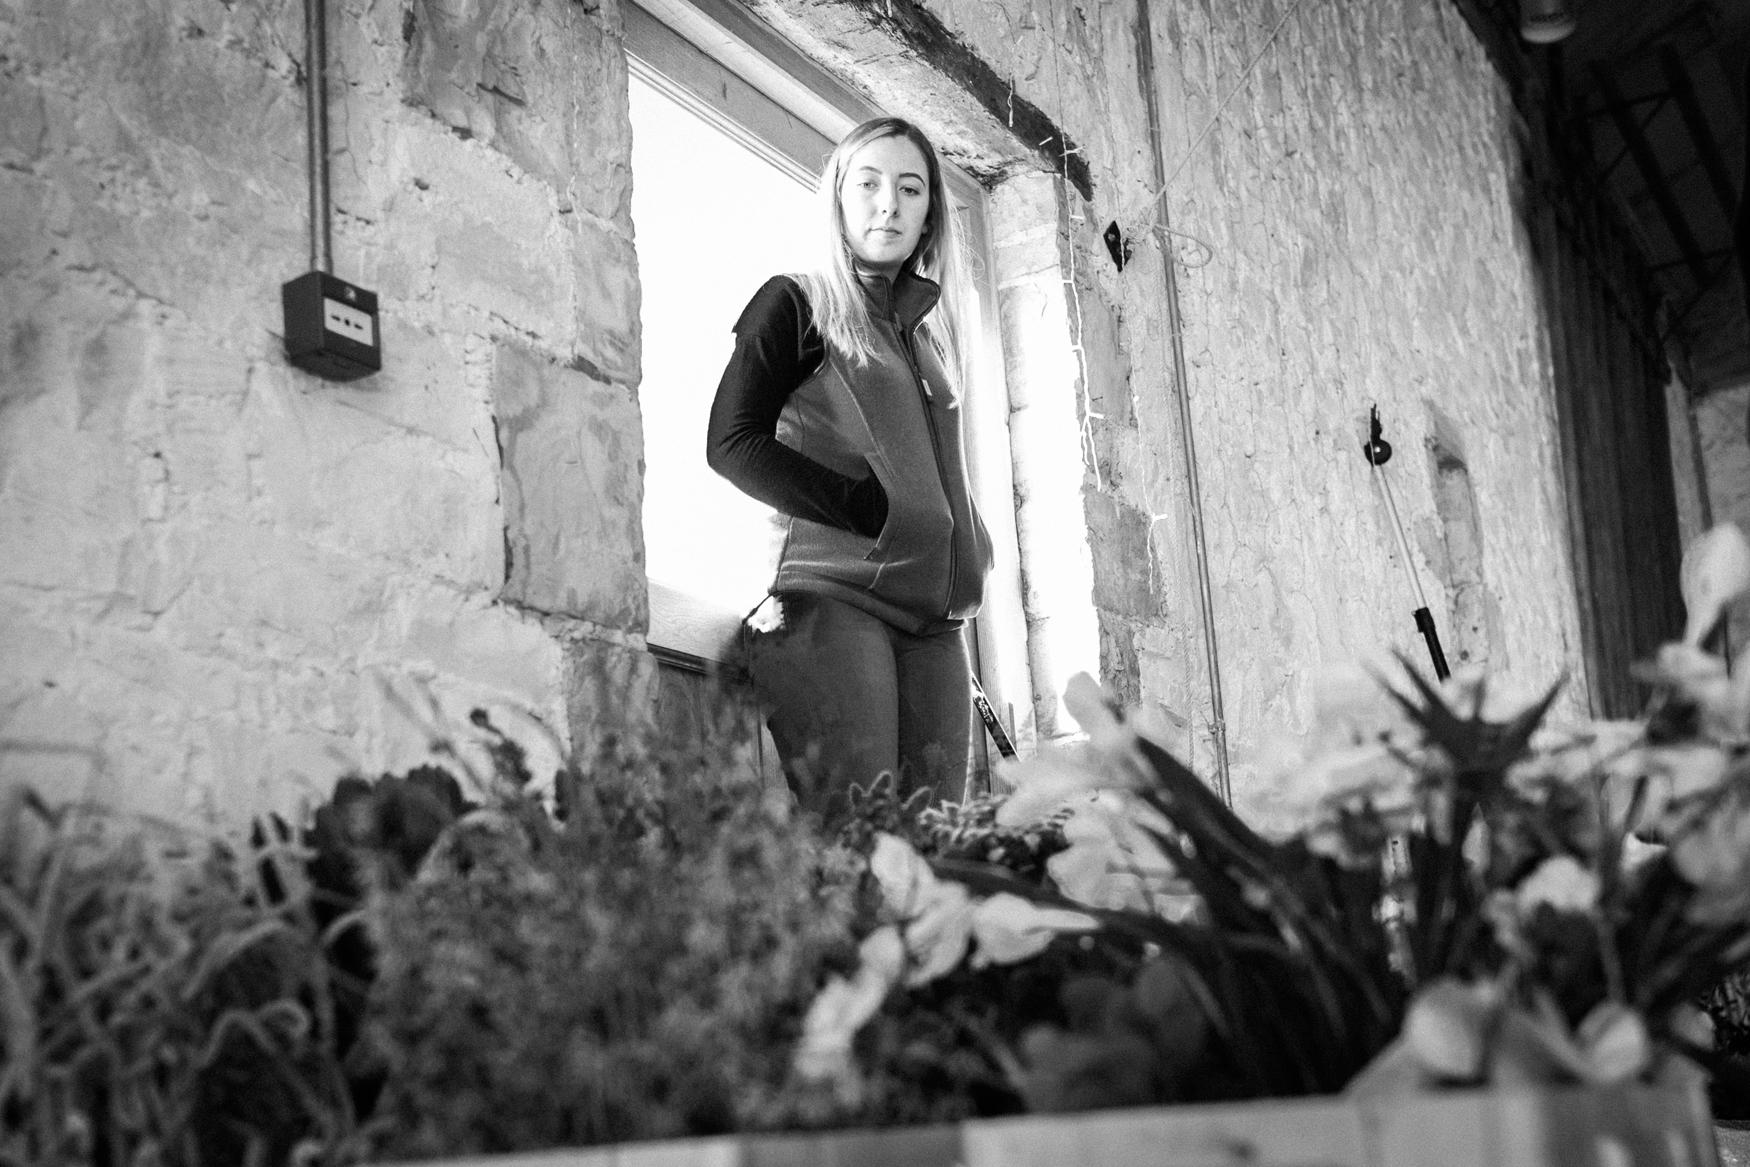 Alex-Sedgmond-Photography-Cardiff-Wales-Forbesfield-Florist-Cardiff-Rosedew-Farm-Flower-School-FFS-40.JPG